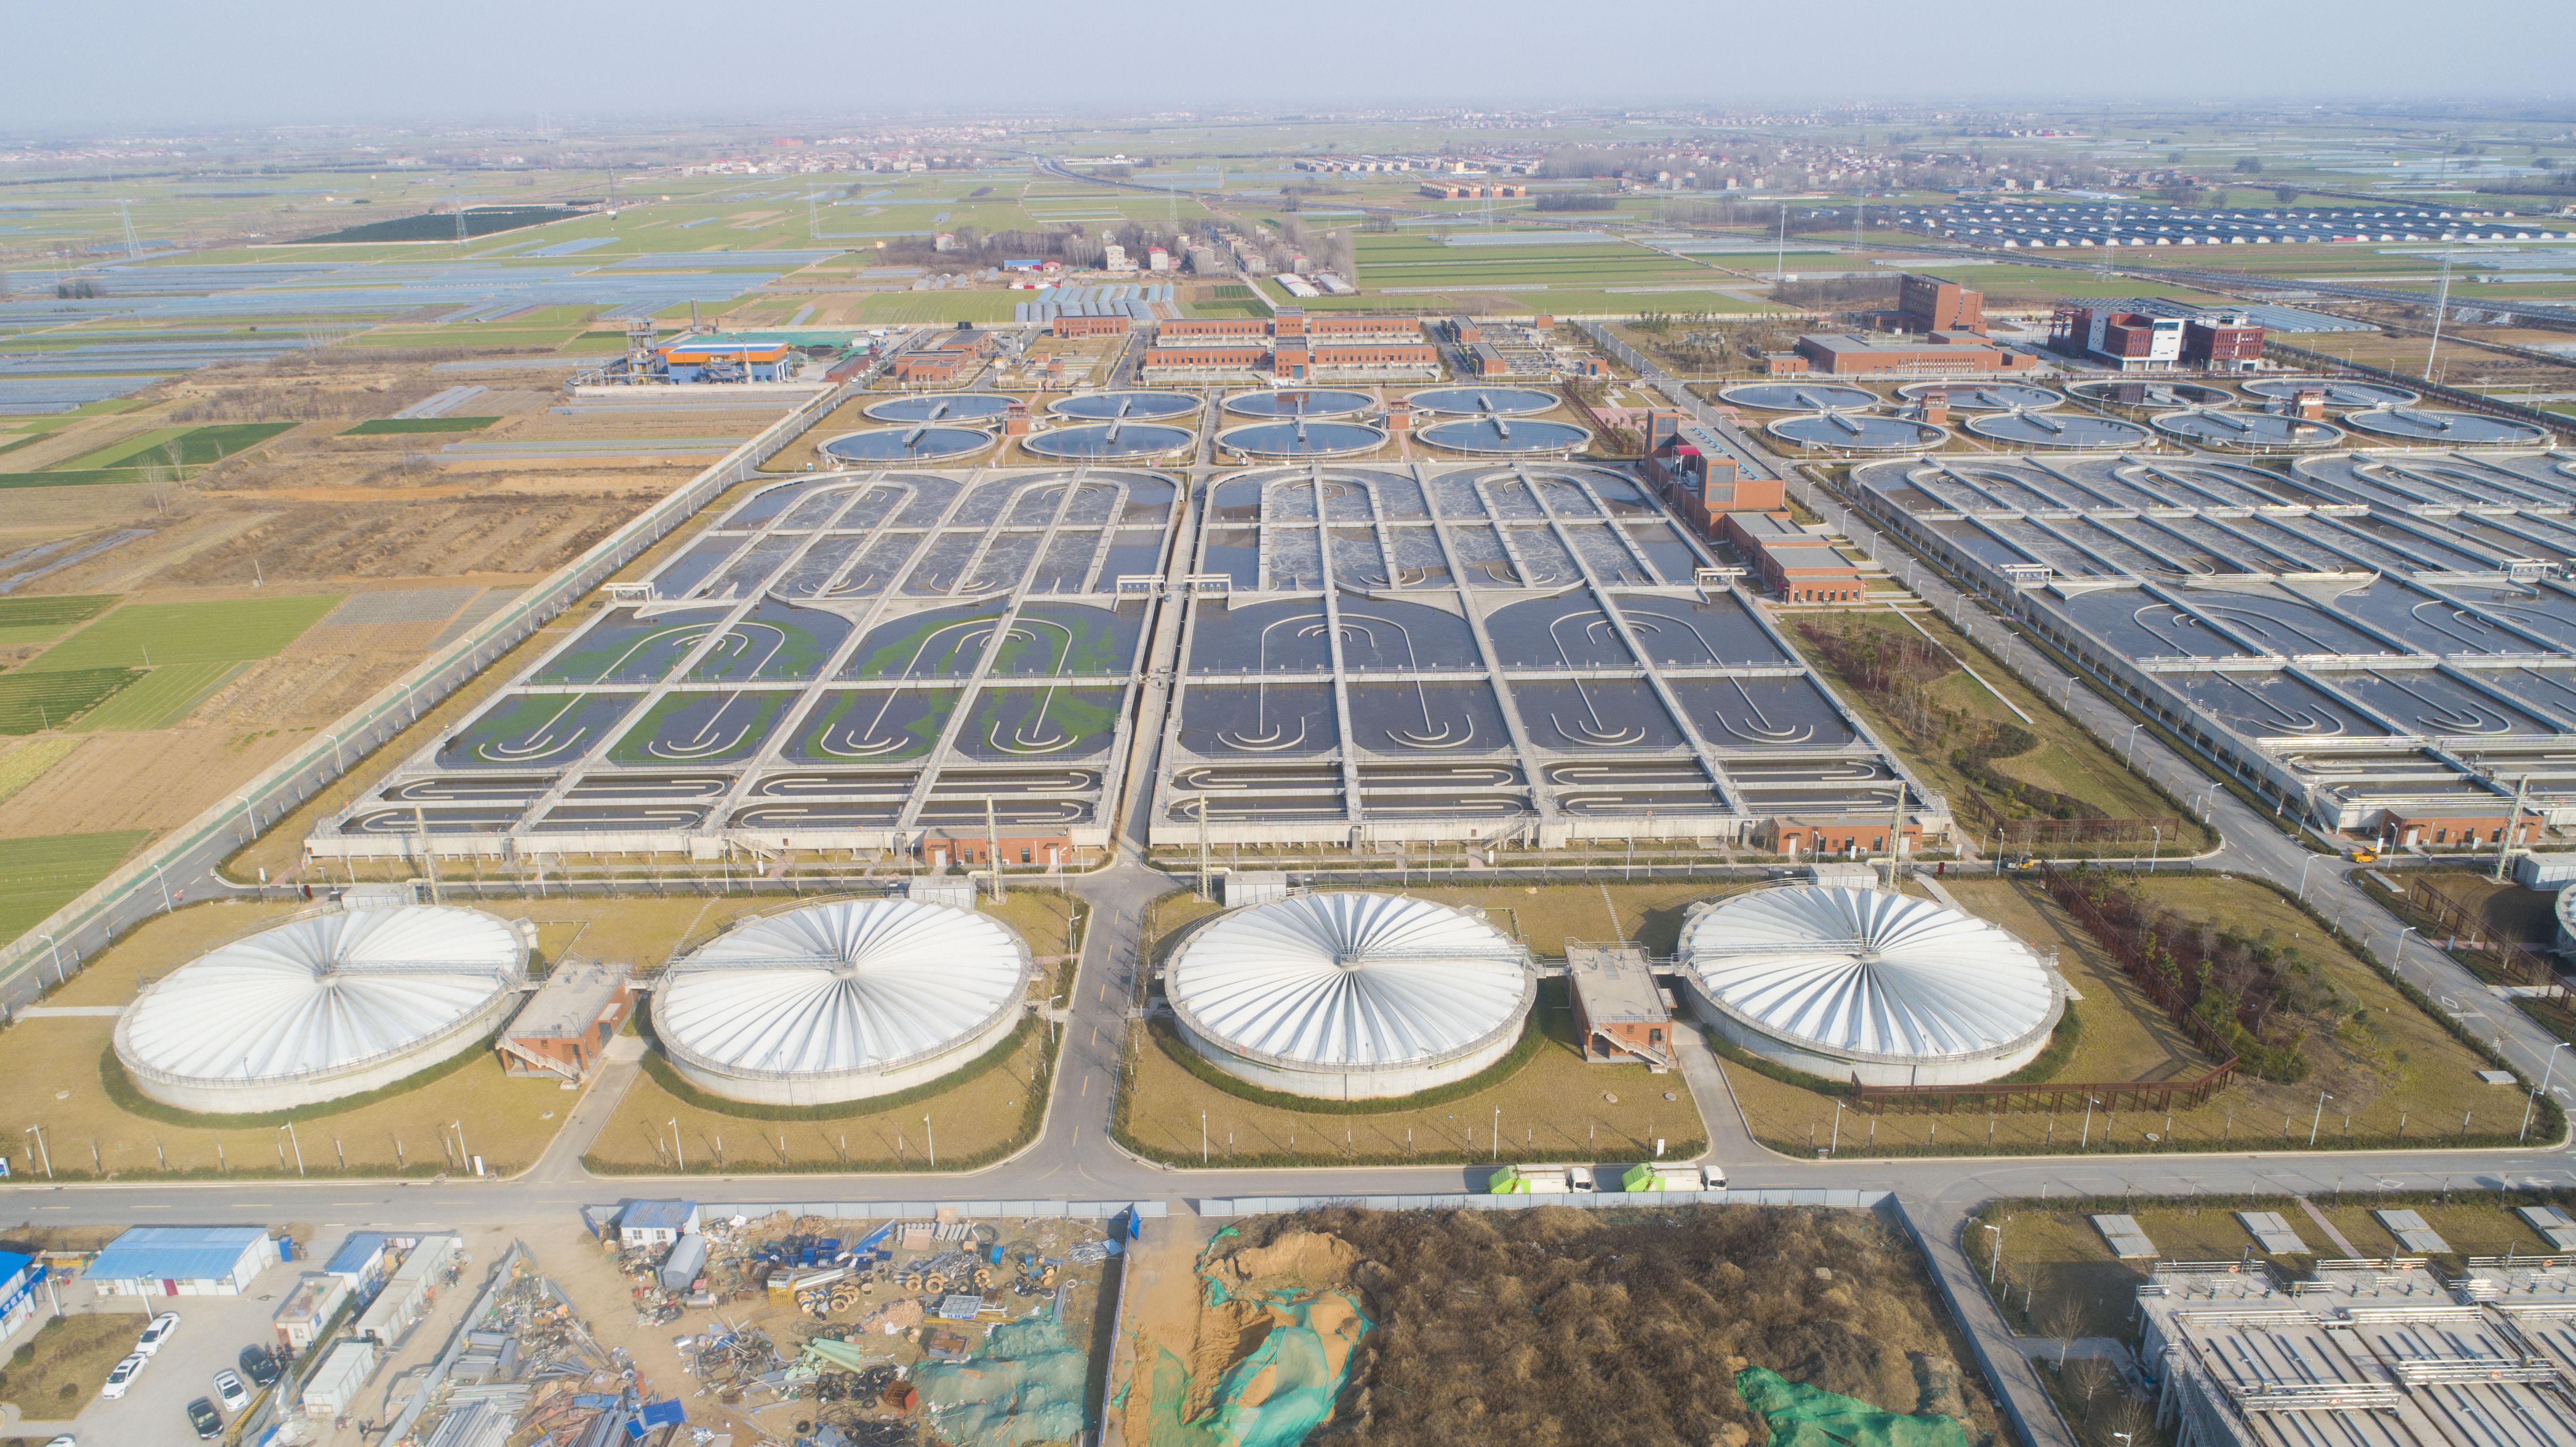 郑州新区污水处理厂工程